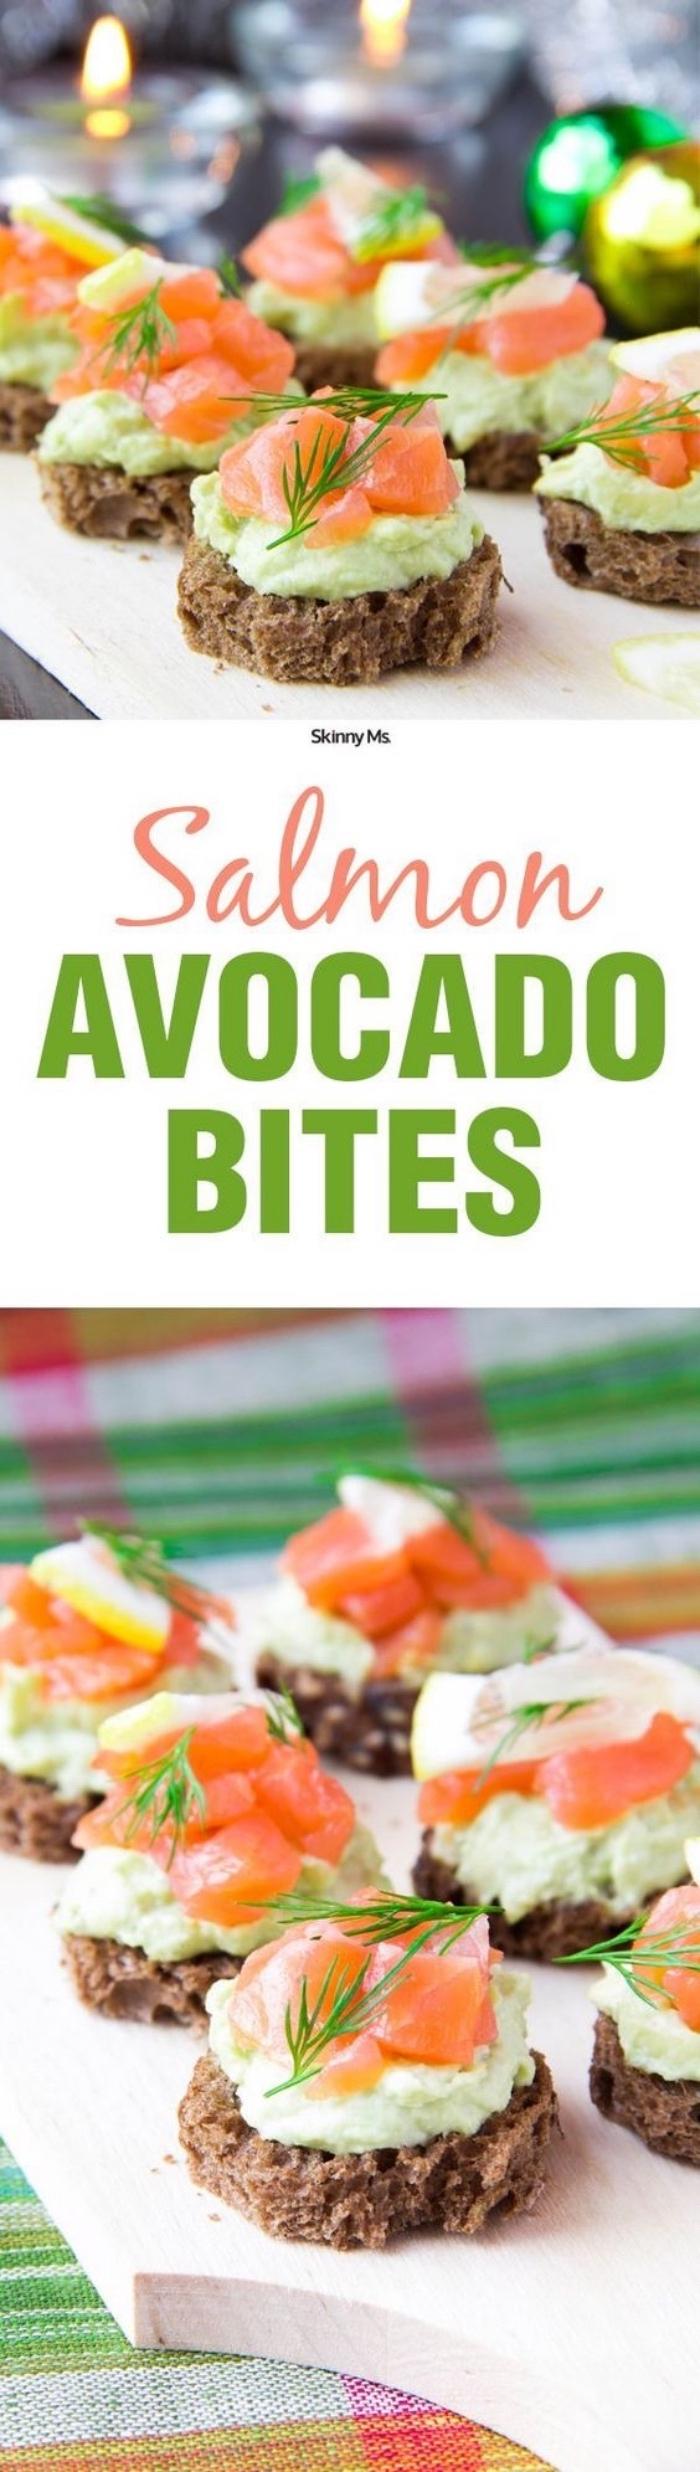 des rondelles de pain complet avec une mousse d avocat et yaourt et des tranches de saumon, recette entre amis, spécialité espagnole